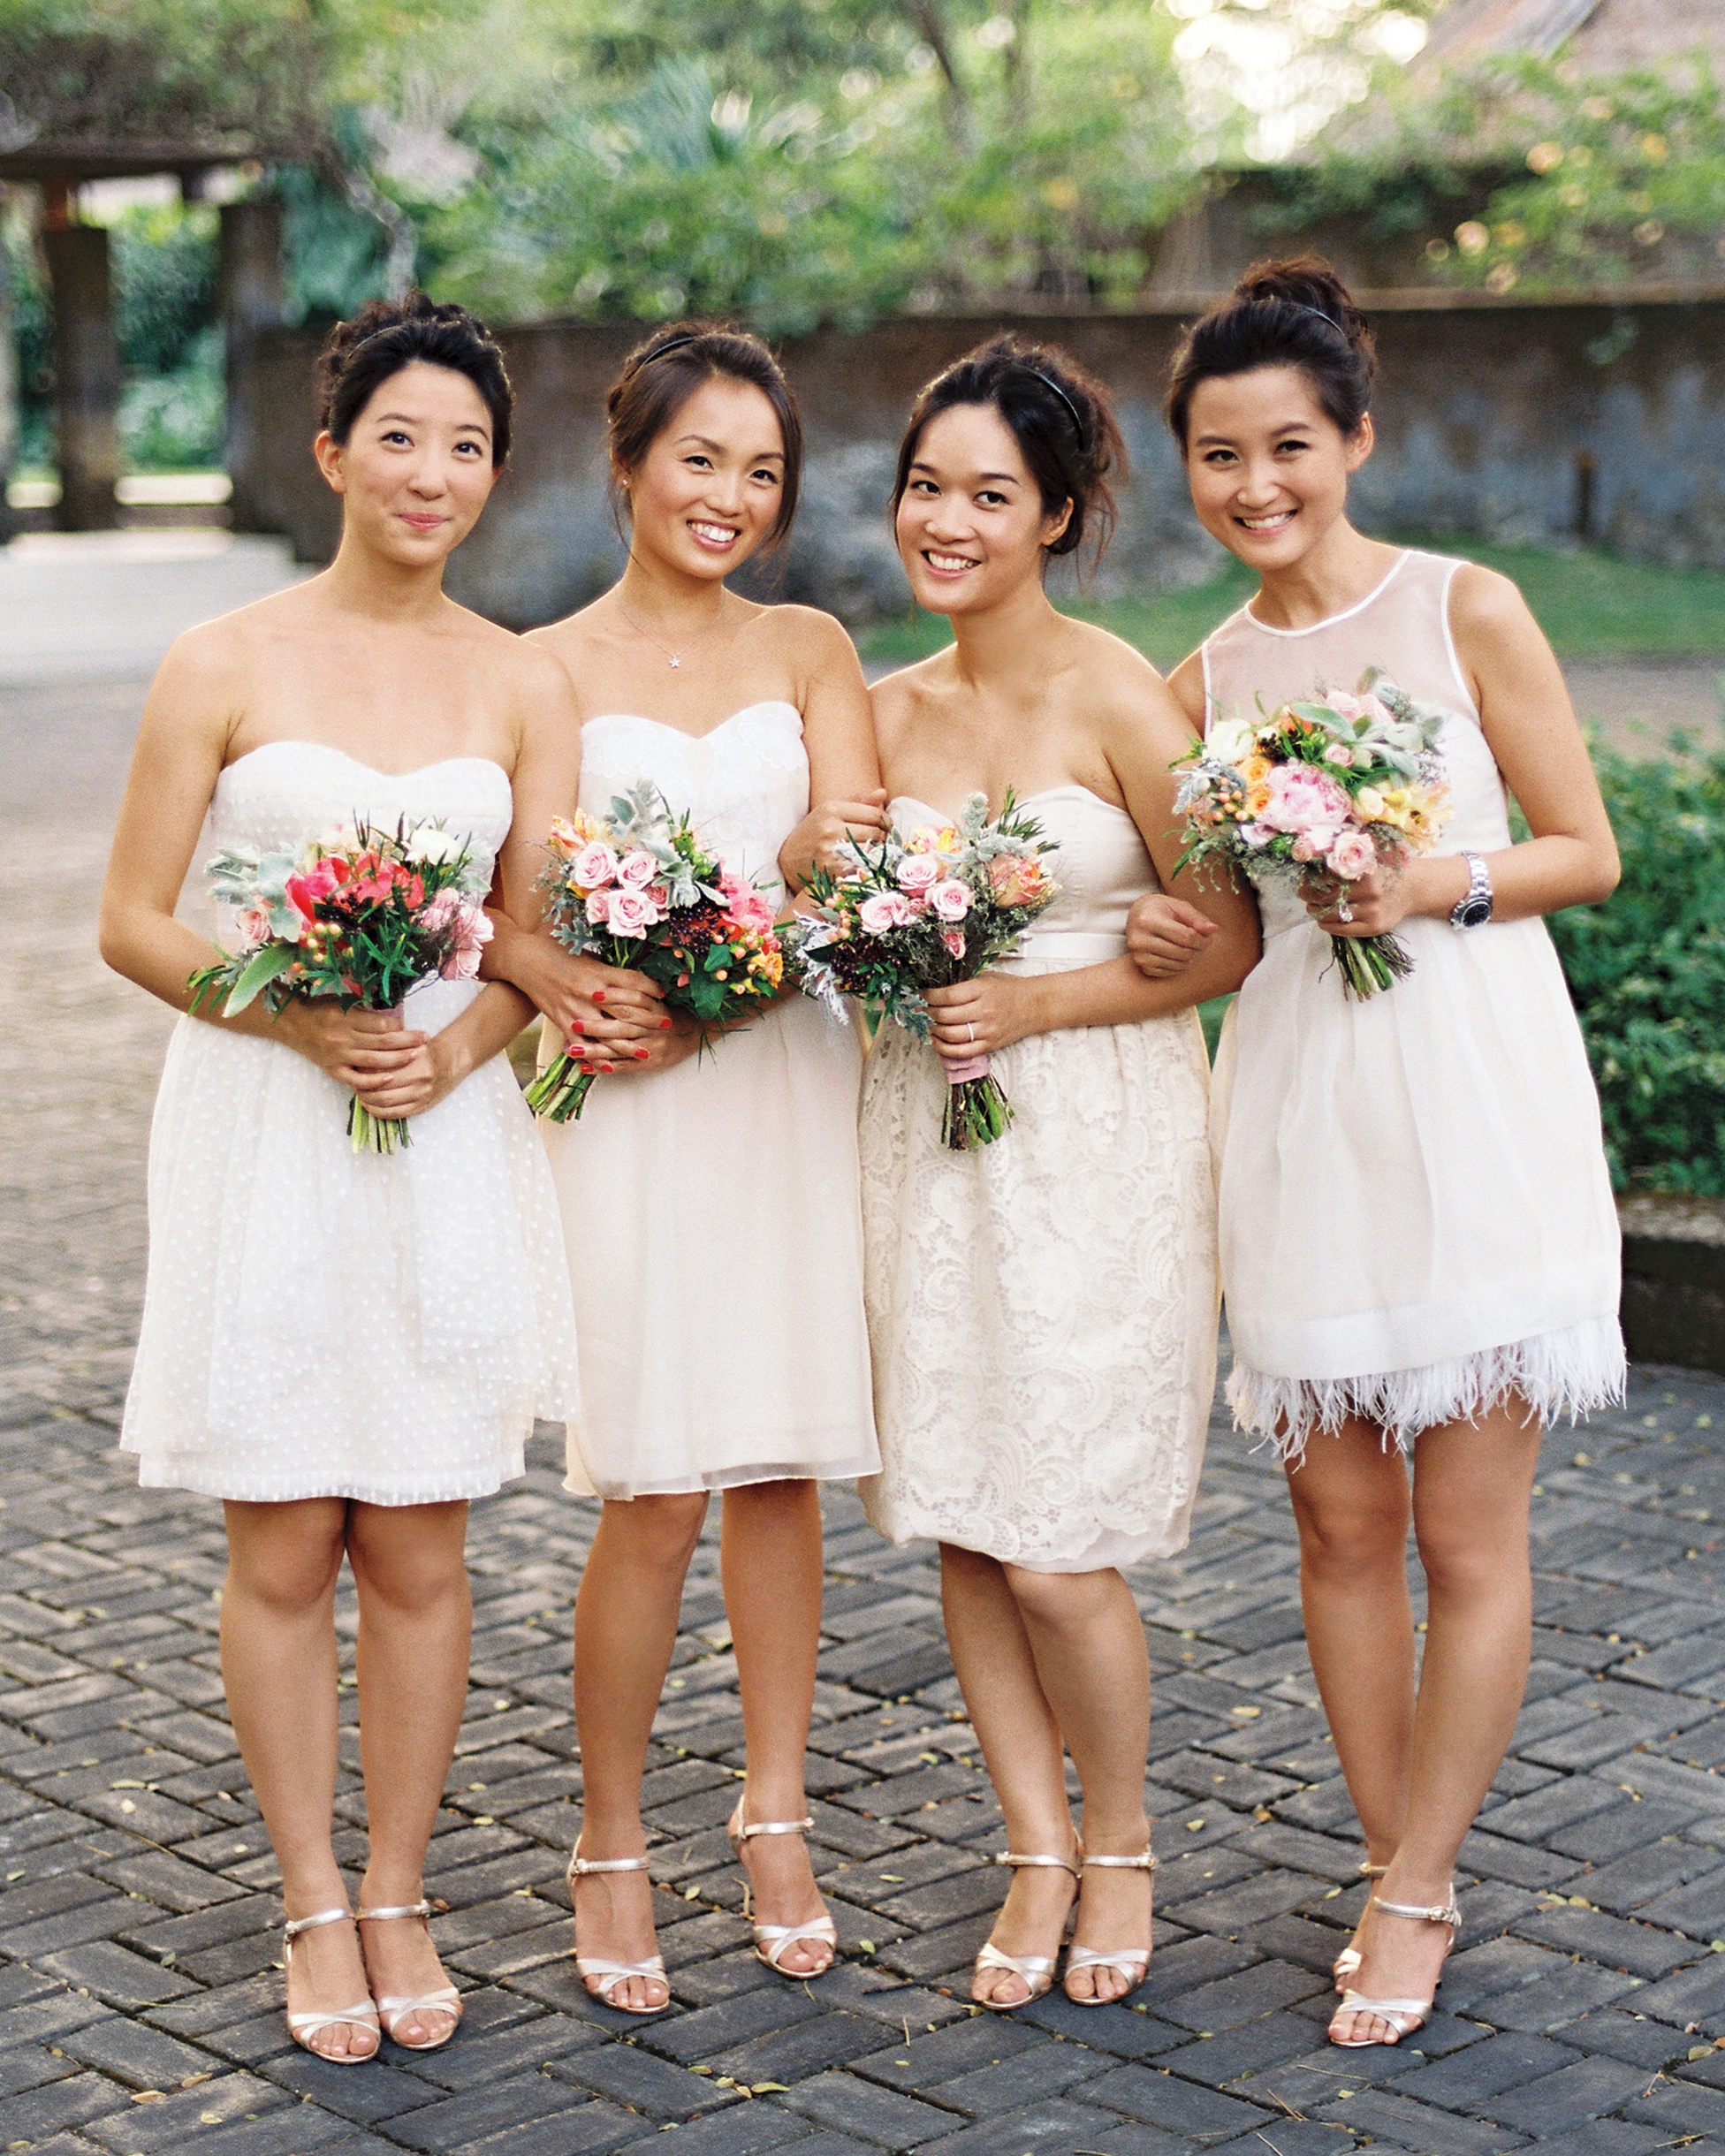 lo-wong-attendants-mwds109374.jpg